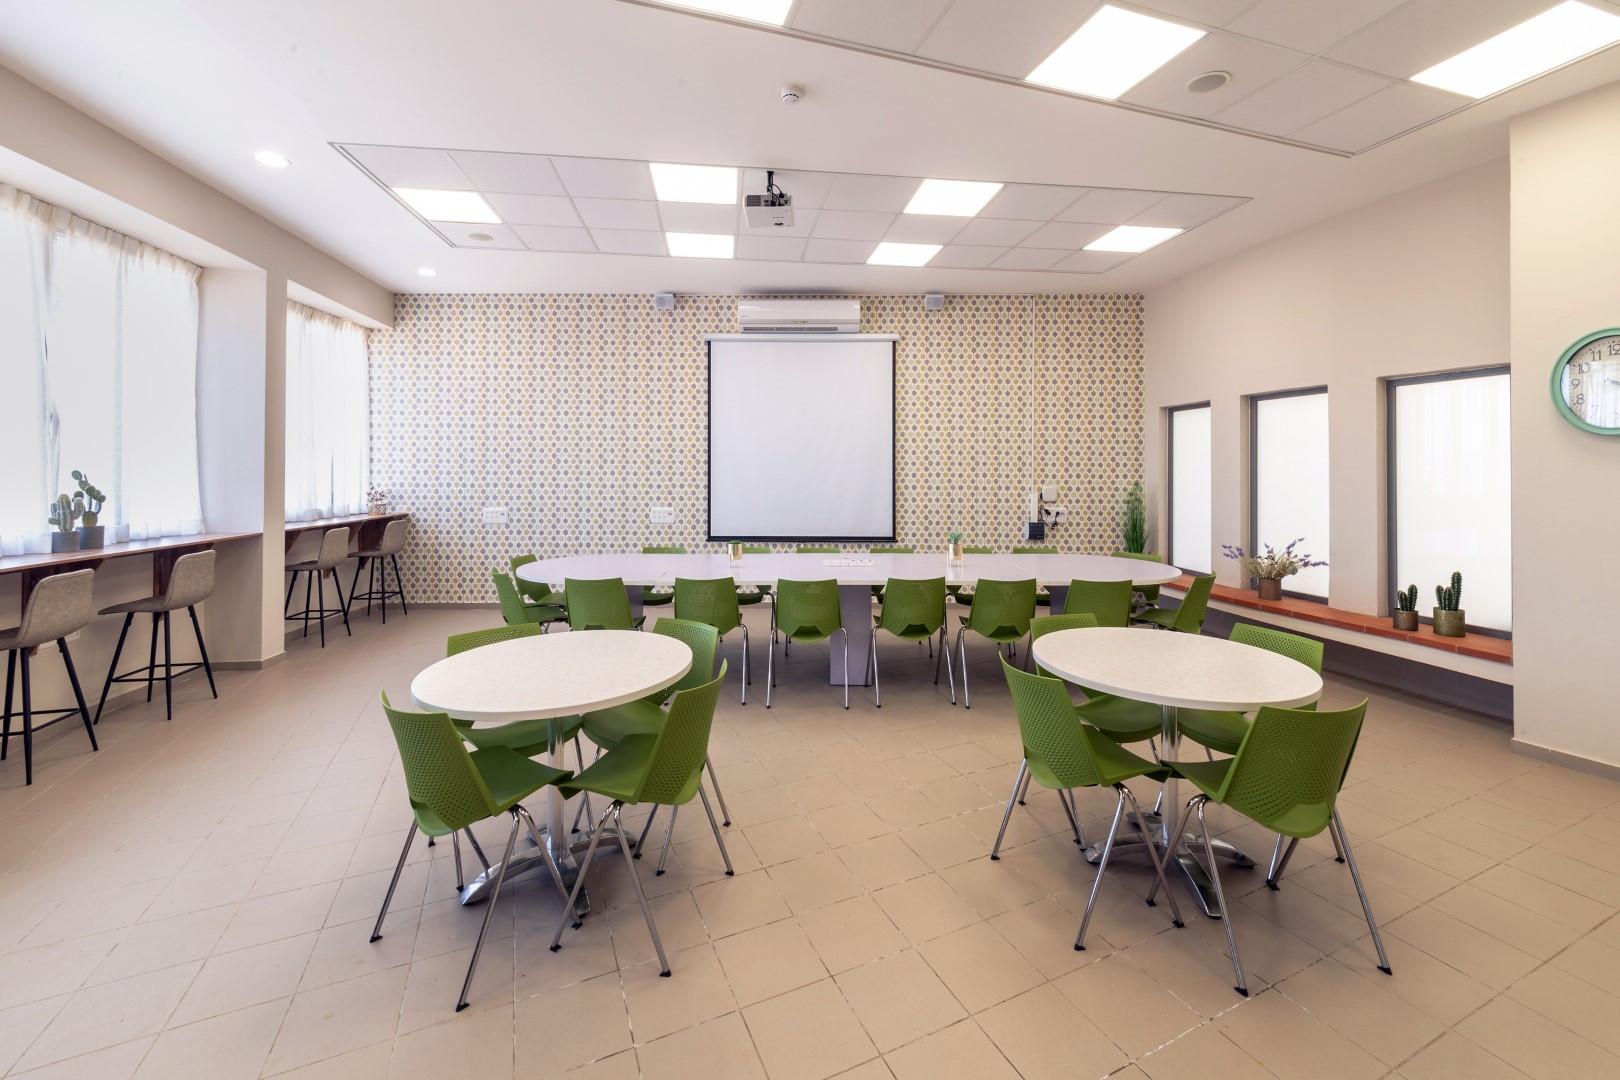 חדר מורים בעיצוב הדס פילובסקי-רון